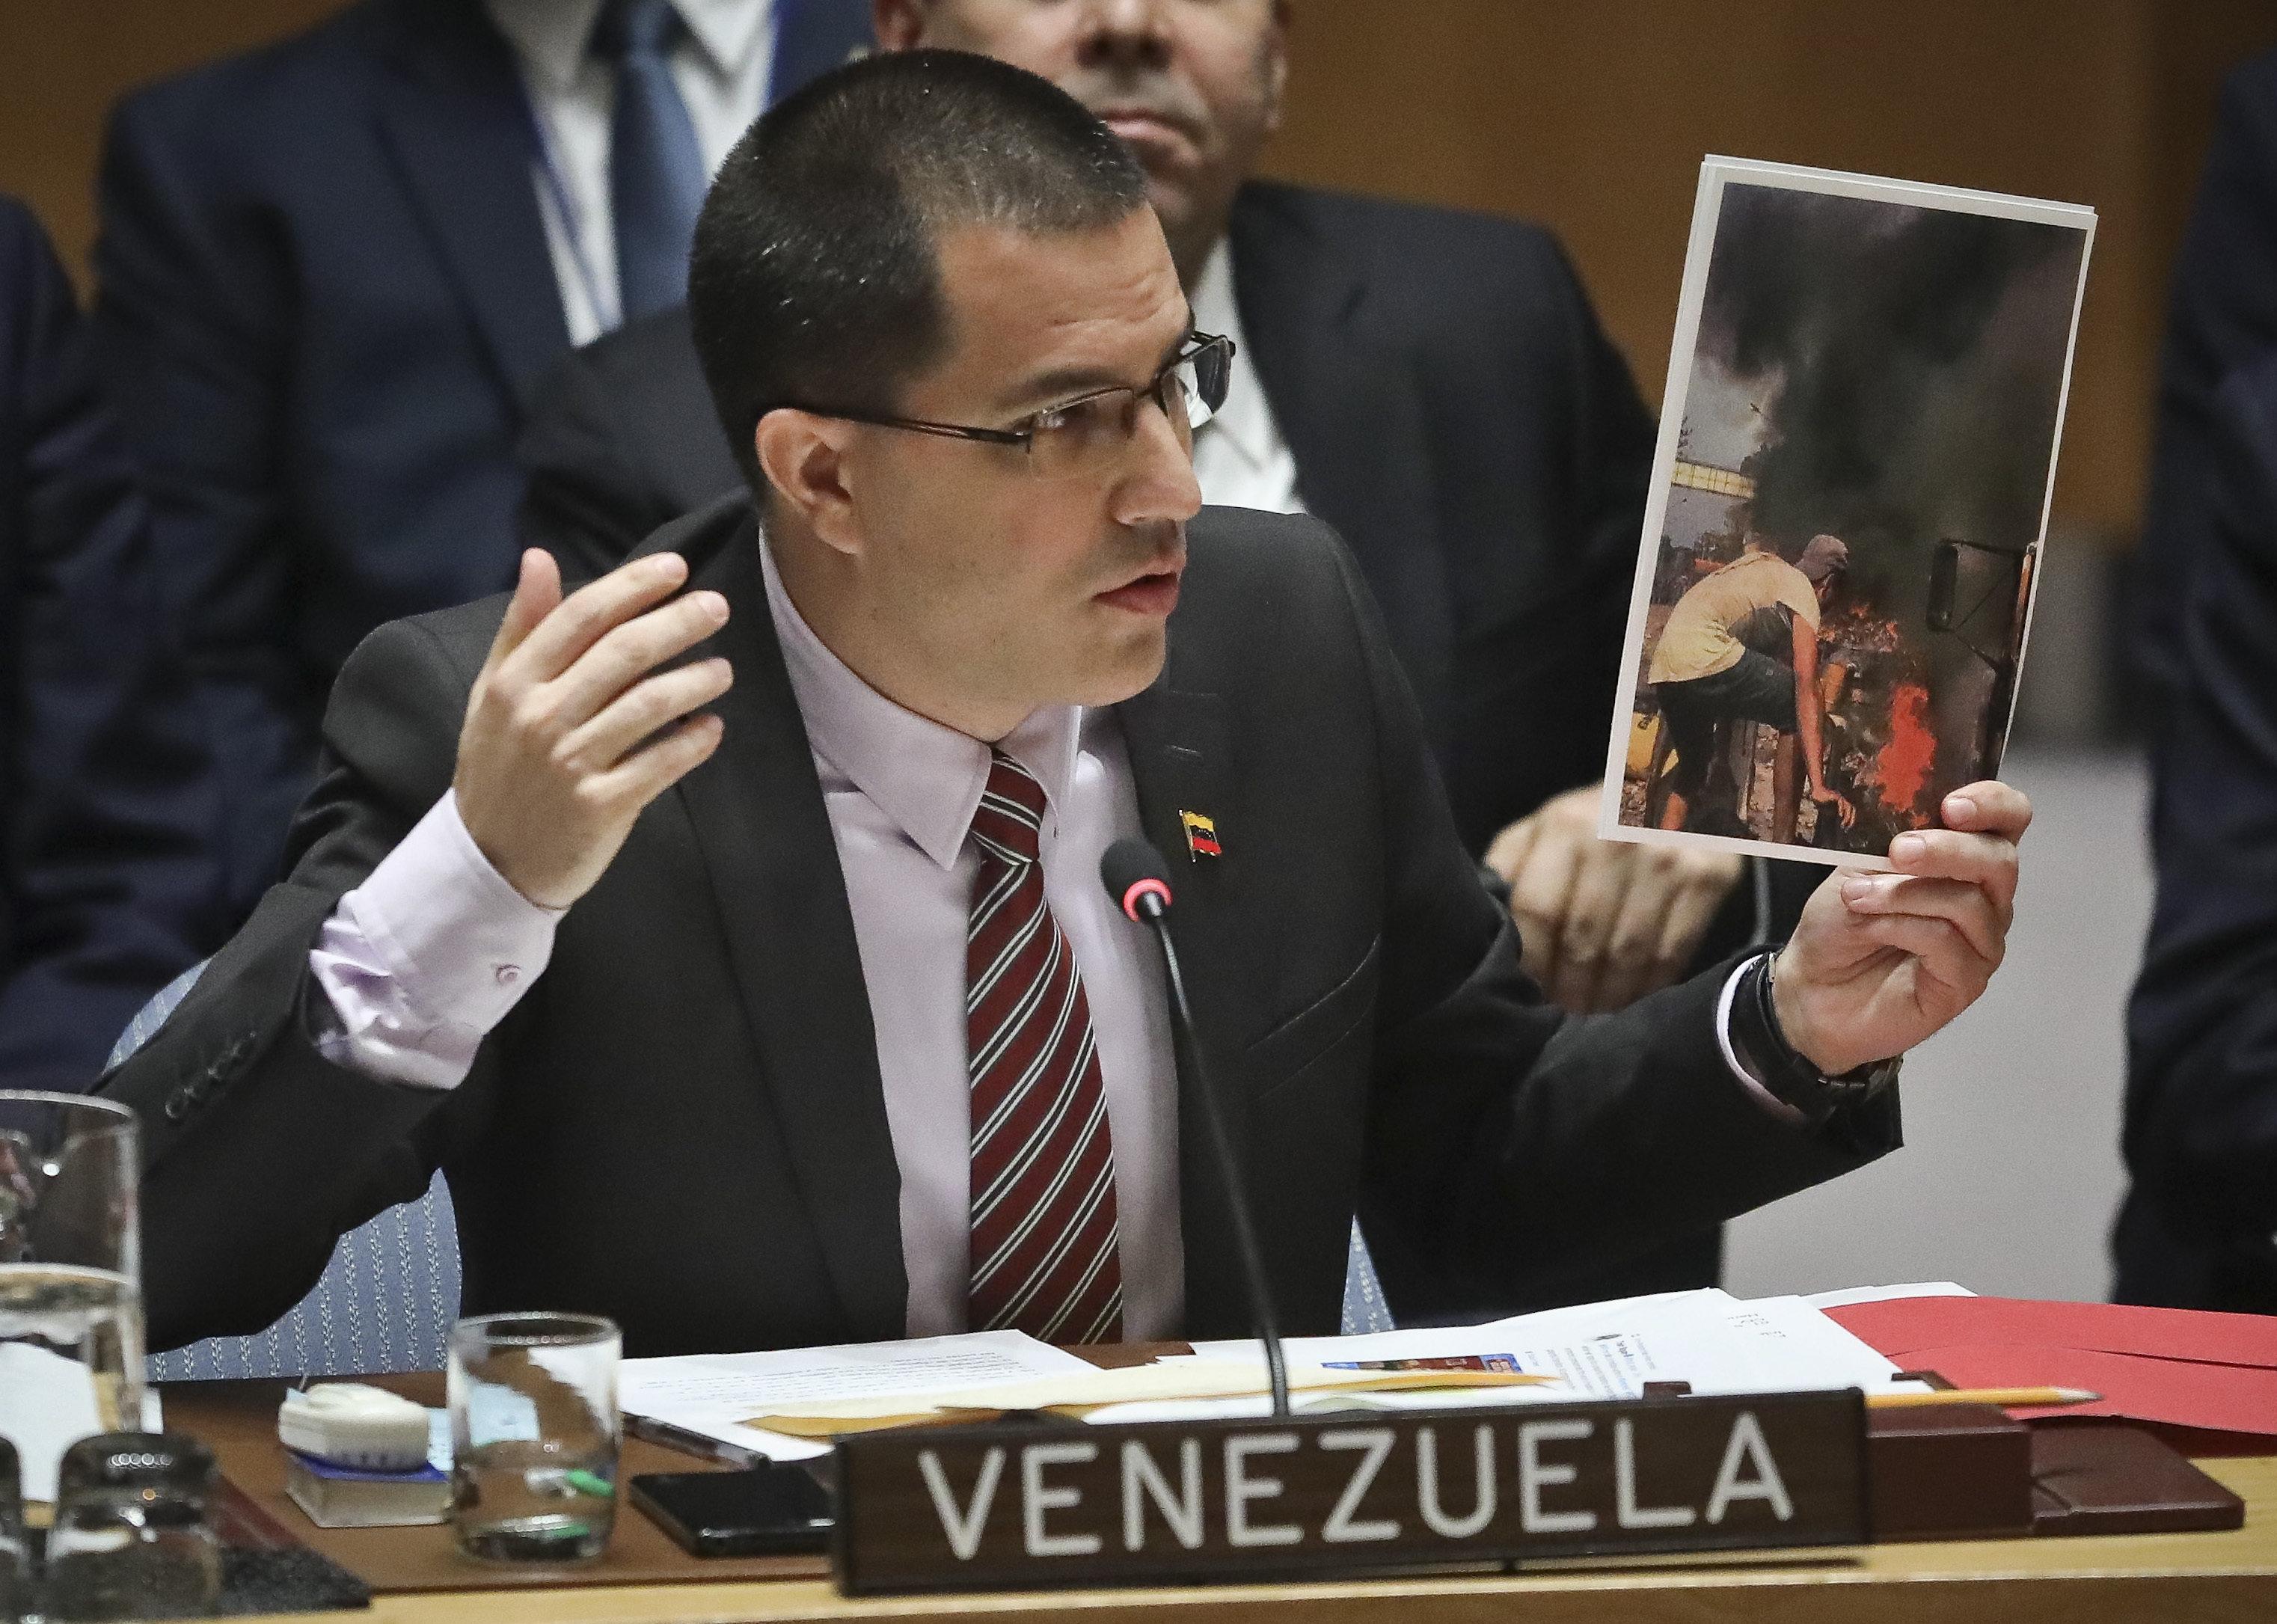 Η Βενεζουέλα δίνει προθεσμία 72 ωρών σε Αμερικάνους διπλωμάτες για